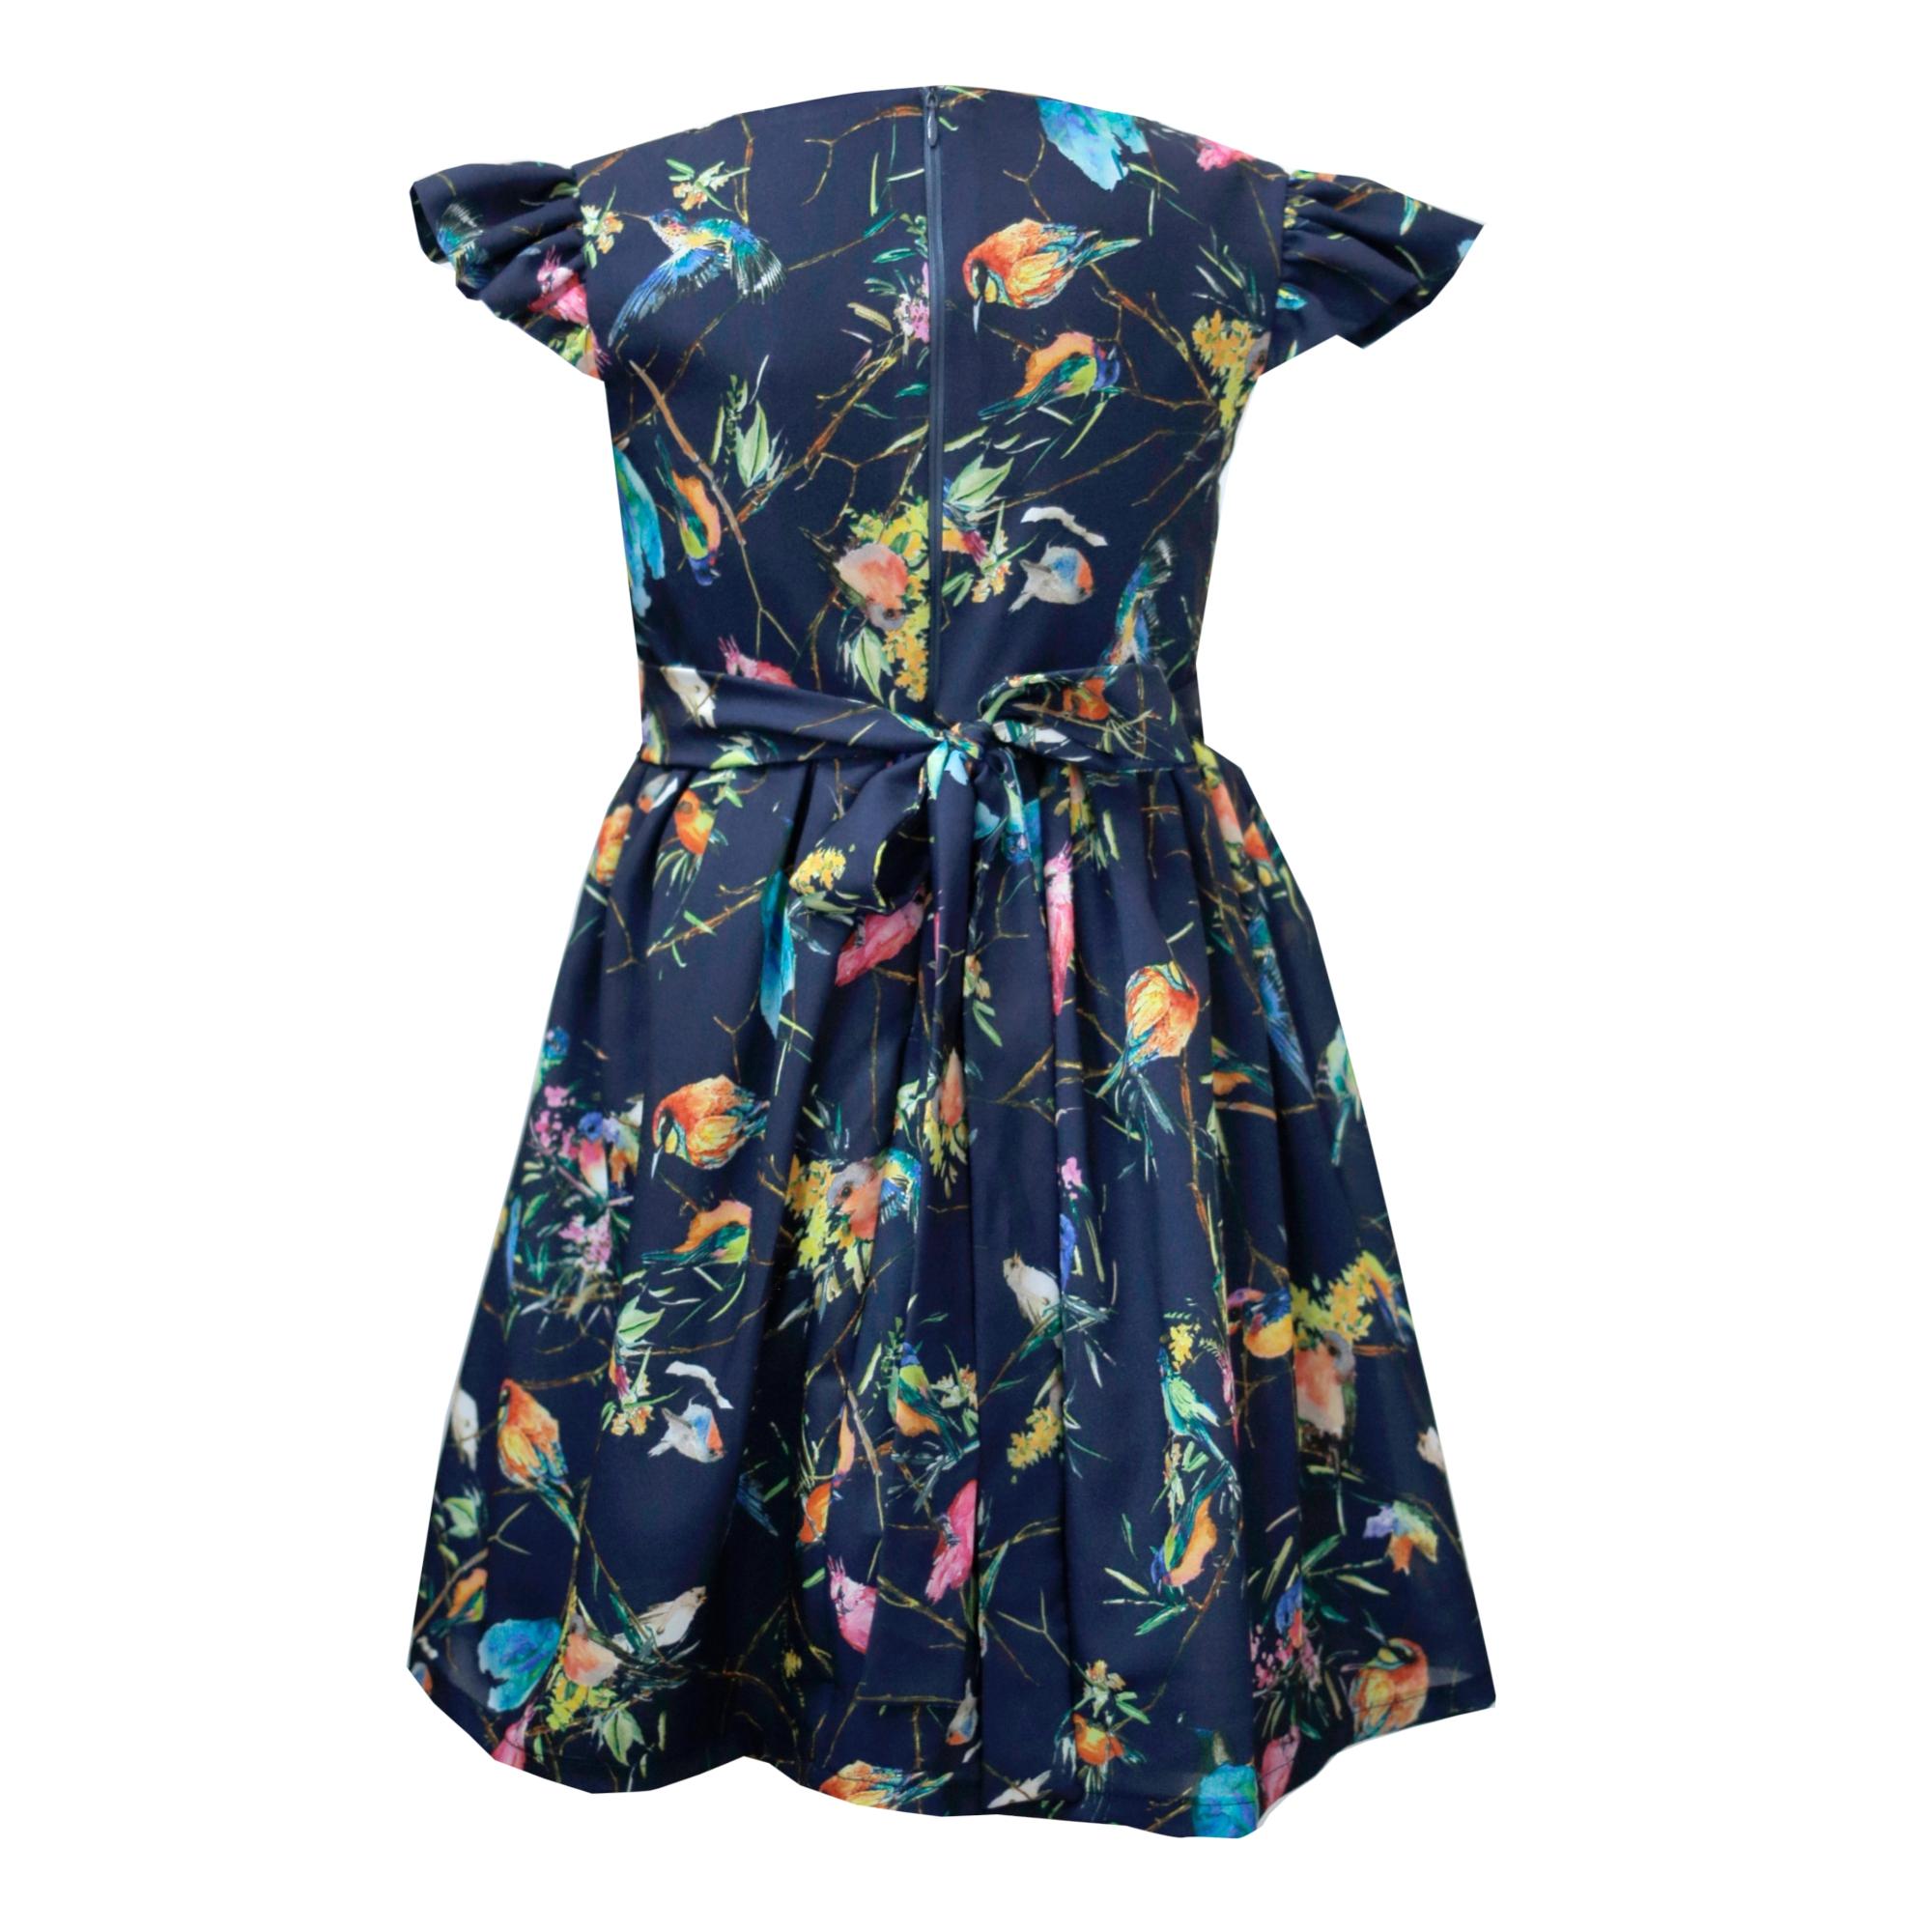 Платье детские Wuzazu  модель 7OQ~38059-1 отзывы, 2017